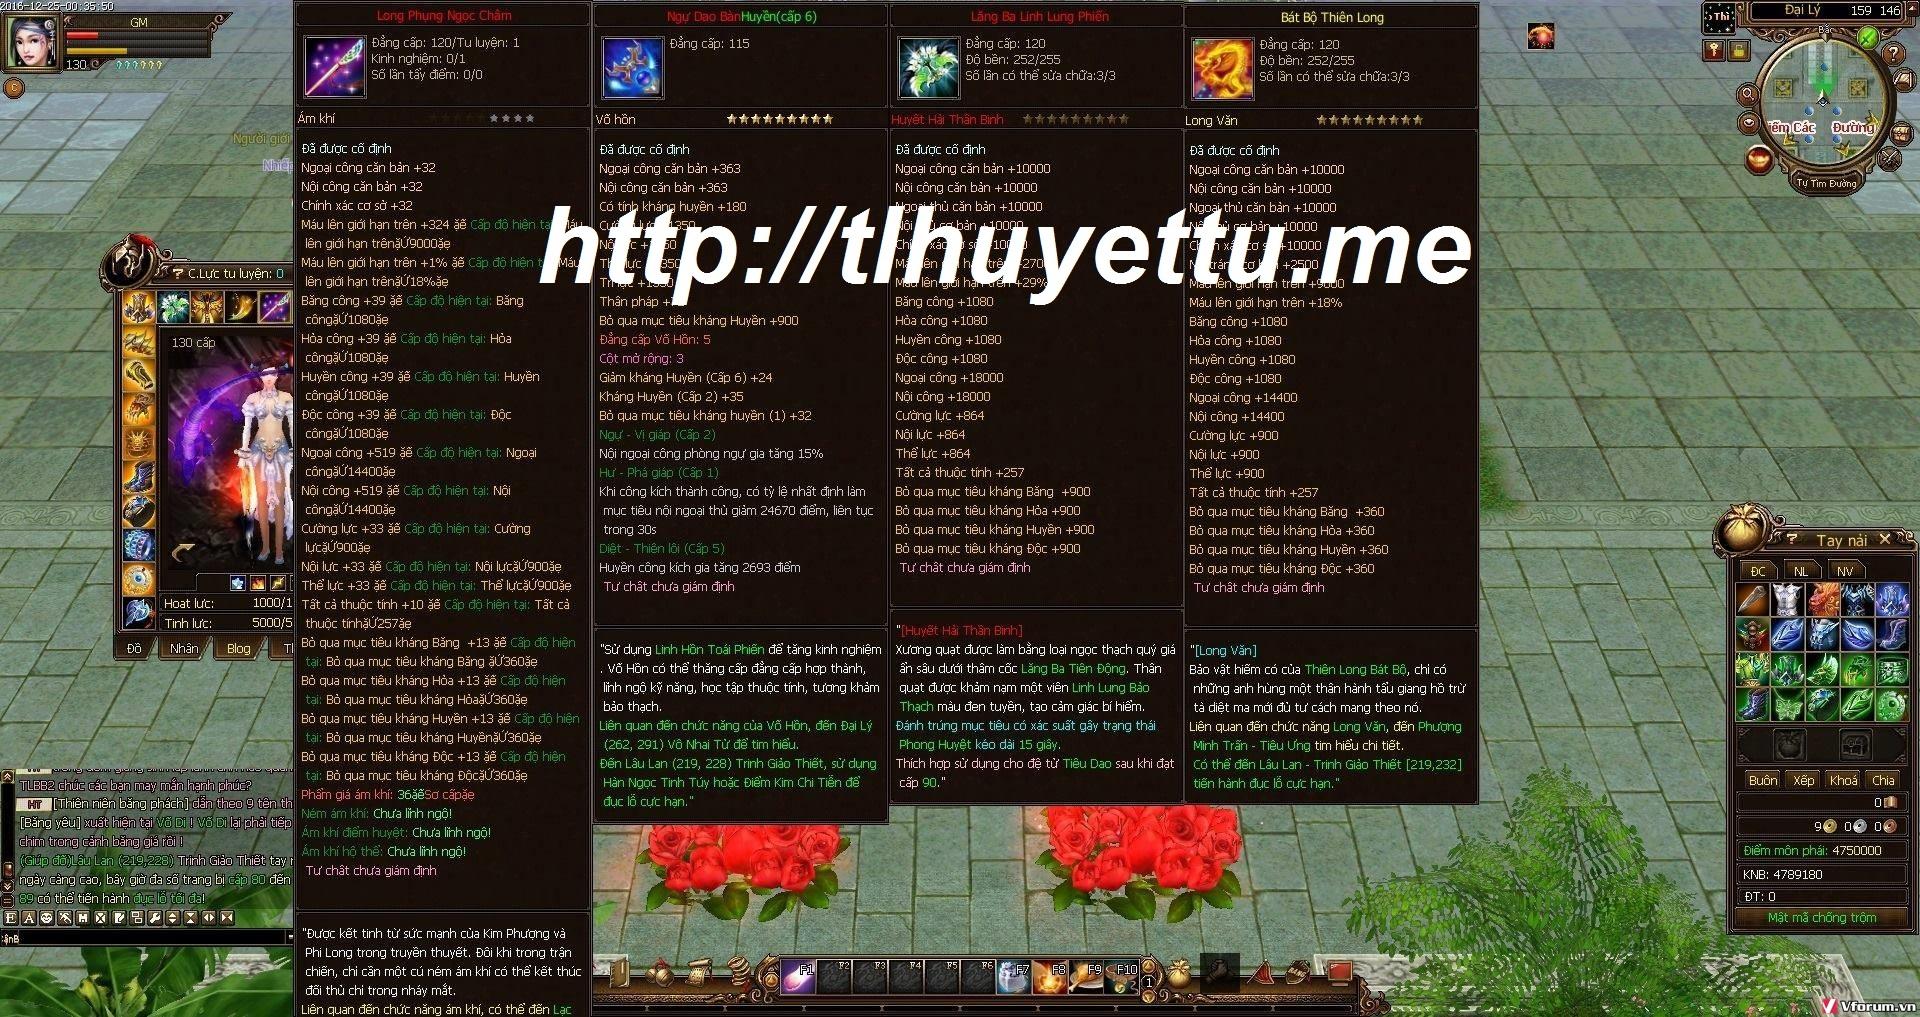 TL HUYẾT TỬ - Cs 3.0 MIỄN PHÍ - OPEN 19H30 T3 14/08 - SĂN TẤT CẢ, DMP, SET VIP - NHẬN CODE  YvKA5m